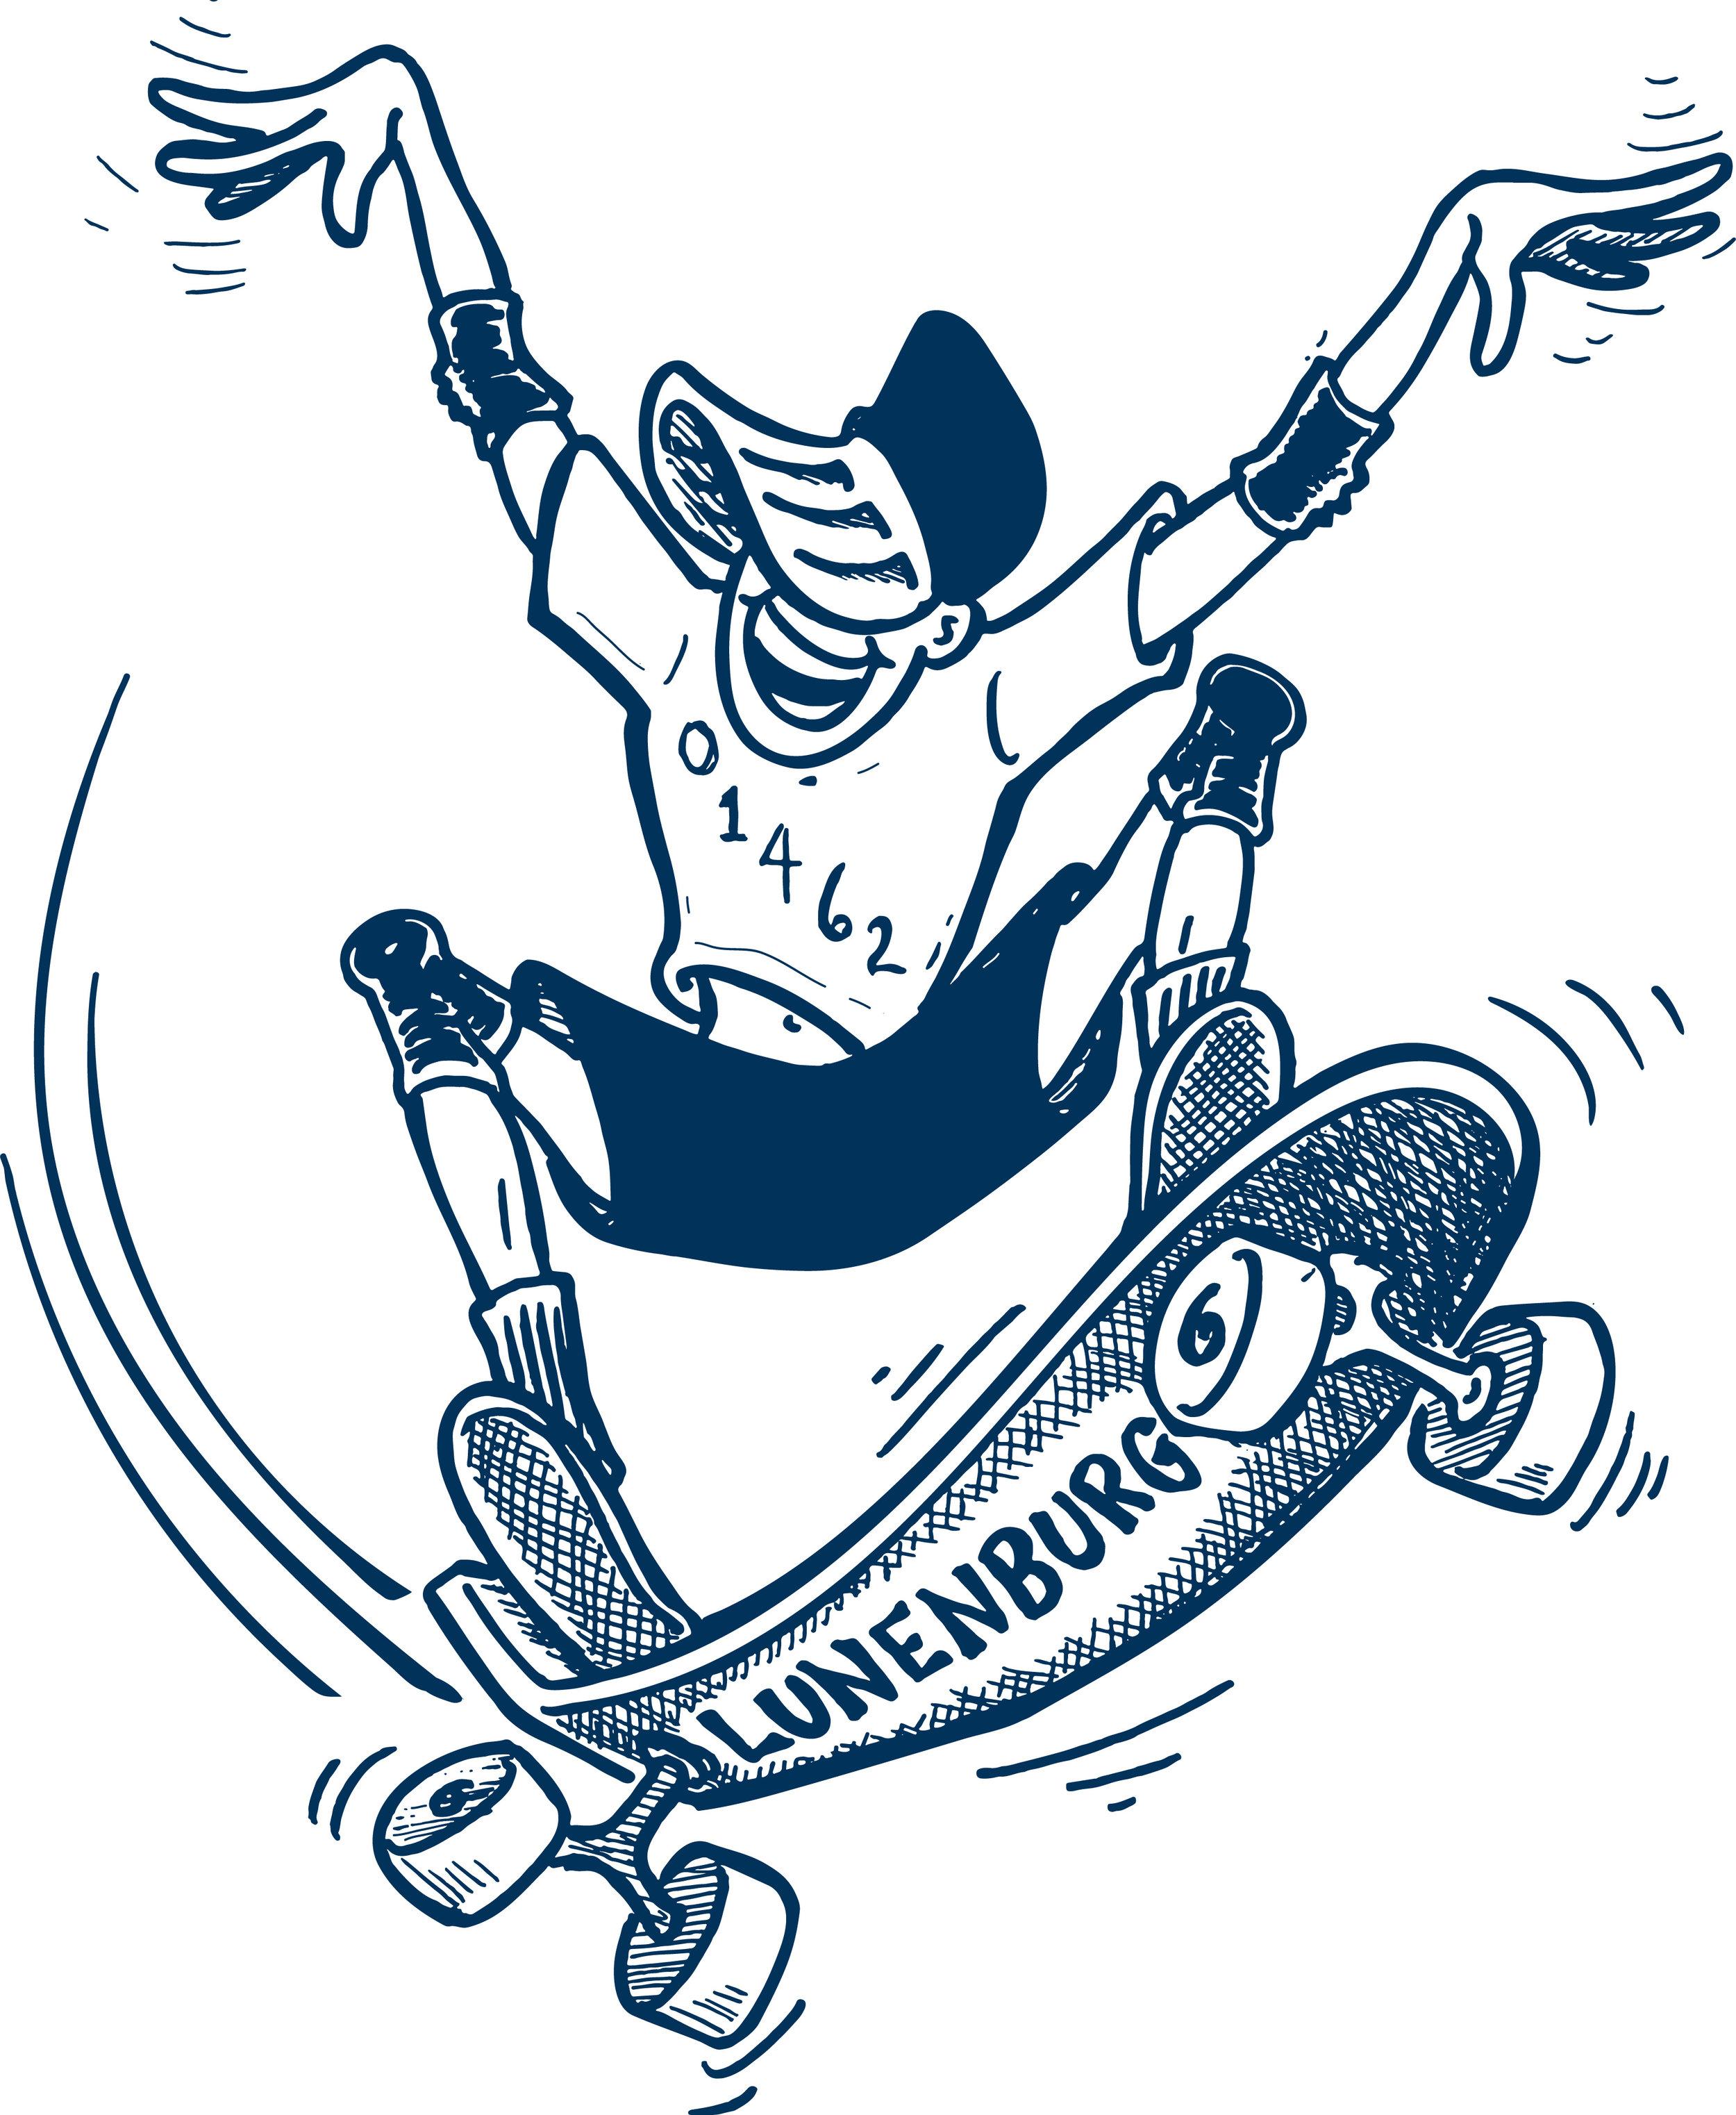 Lunenburg Skate Park Logo  - Final.jpg